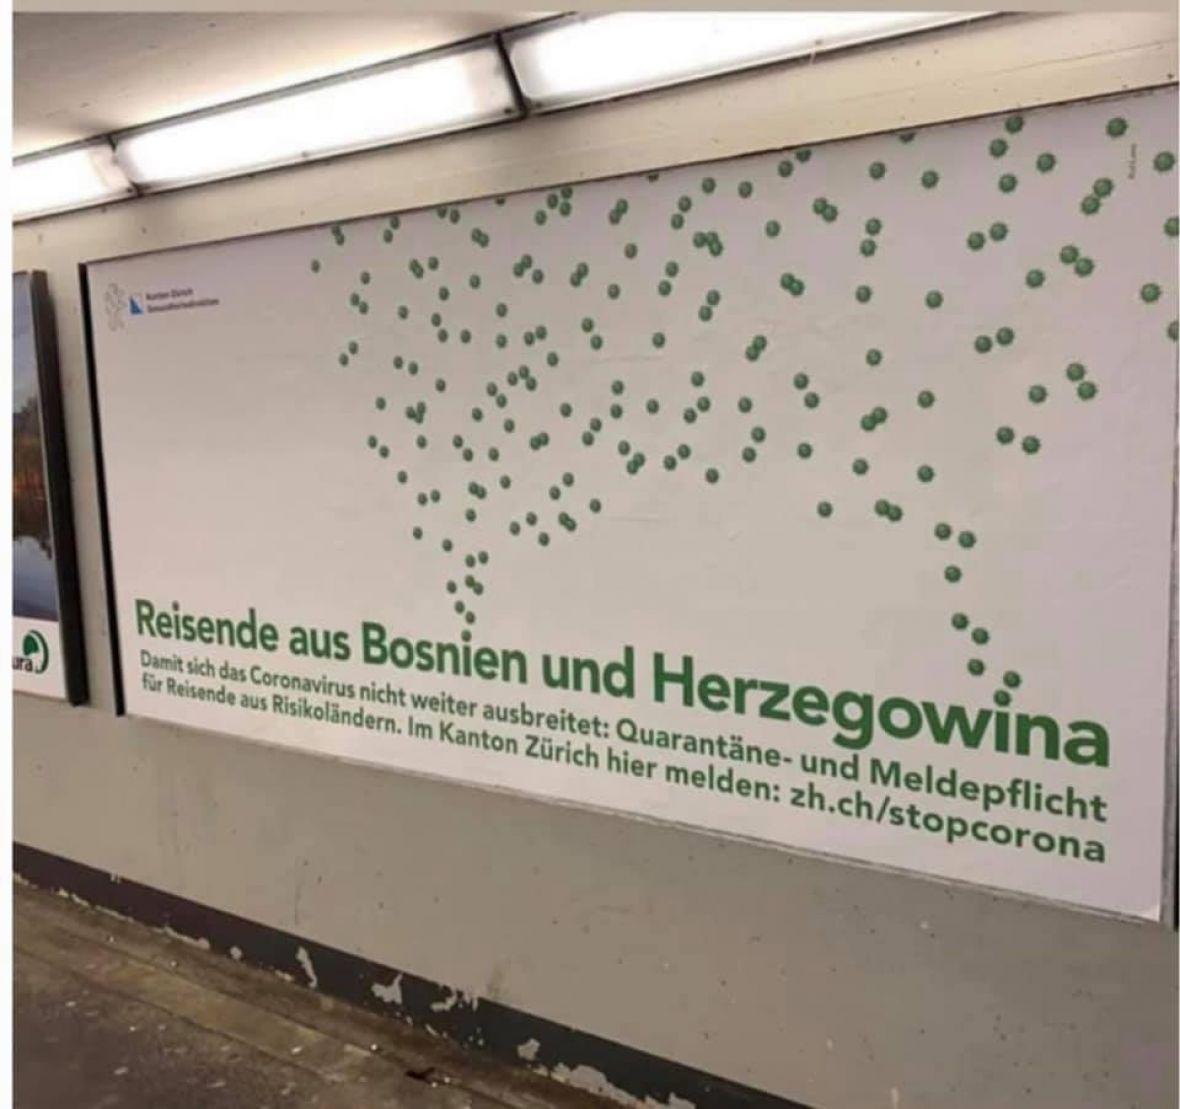 """Plakati u Švicarskoj o """"zemlji rizika"""": Bosanci i Hercegovci, prvo u karantin!"""